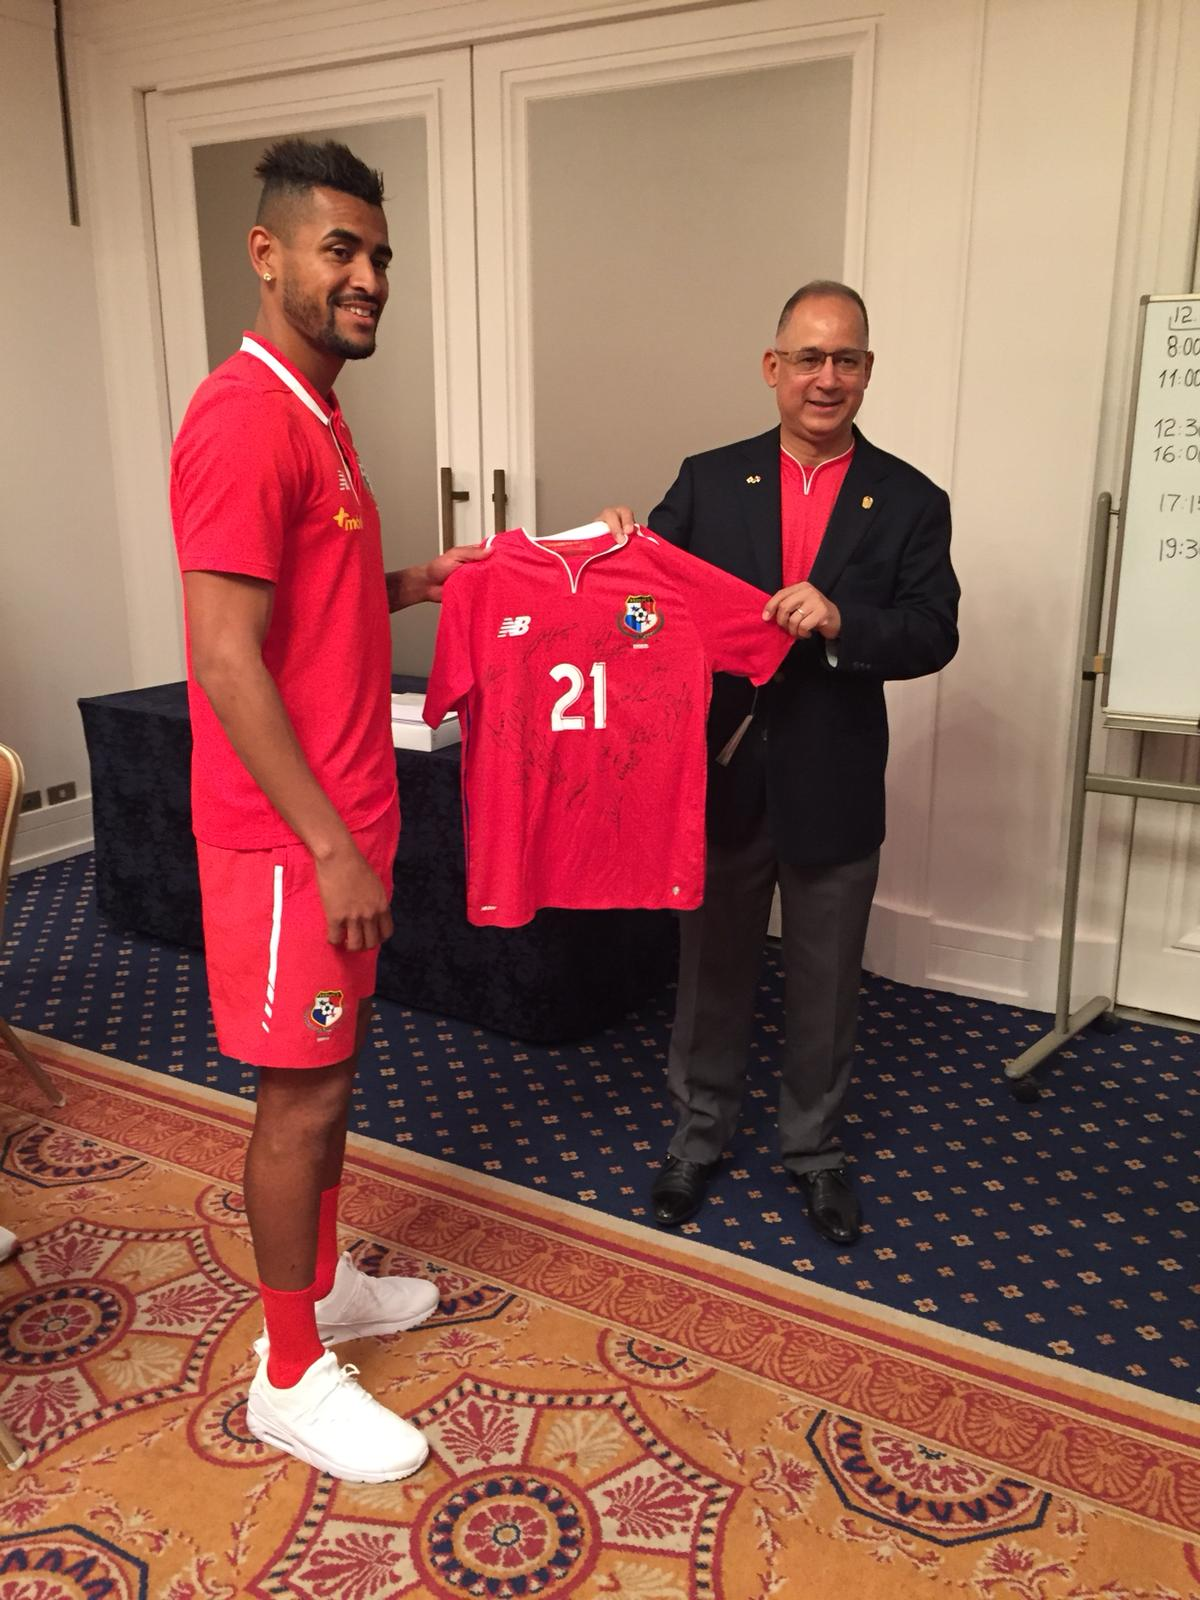 左からパナマナショナルチームキャプテン、パナマ大使にオフィシャルTシャツを贈呈している様子